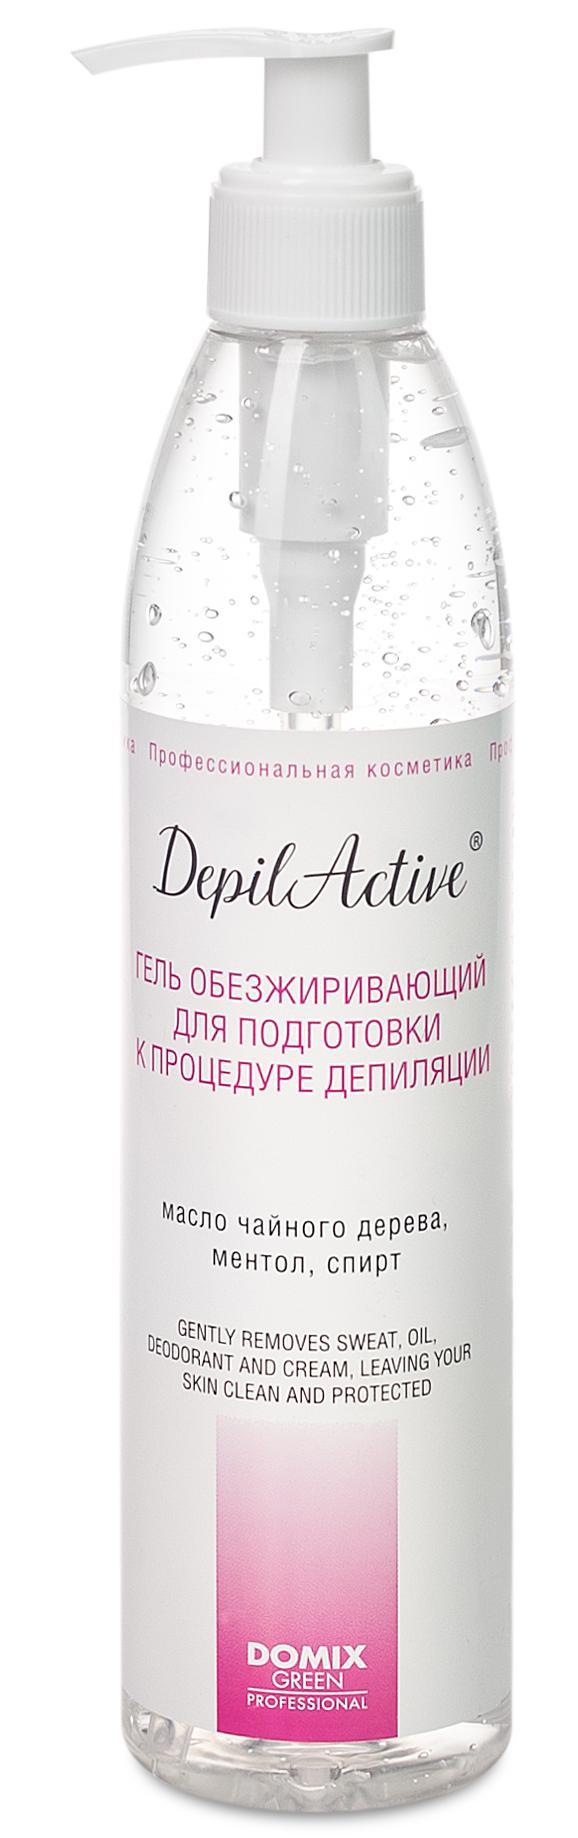 DOMIX Гель обезжиривающий для подготовки к процедуре депиляции / Depil Active 310 мл